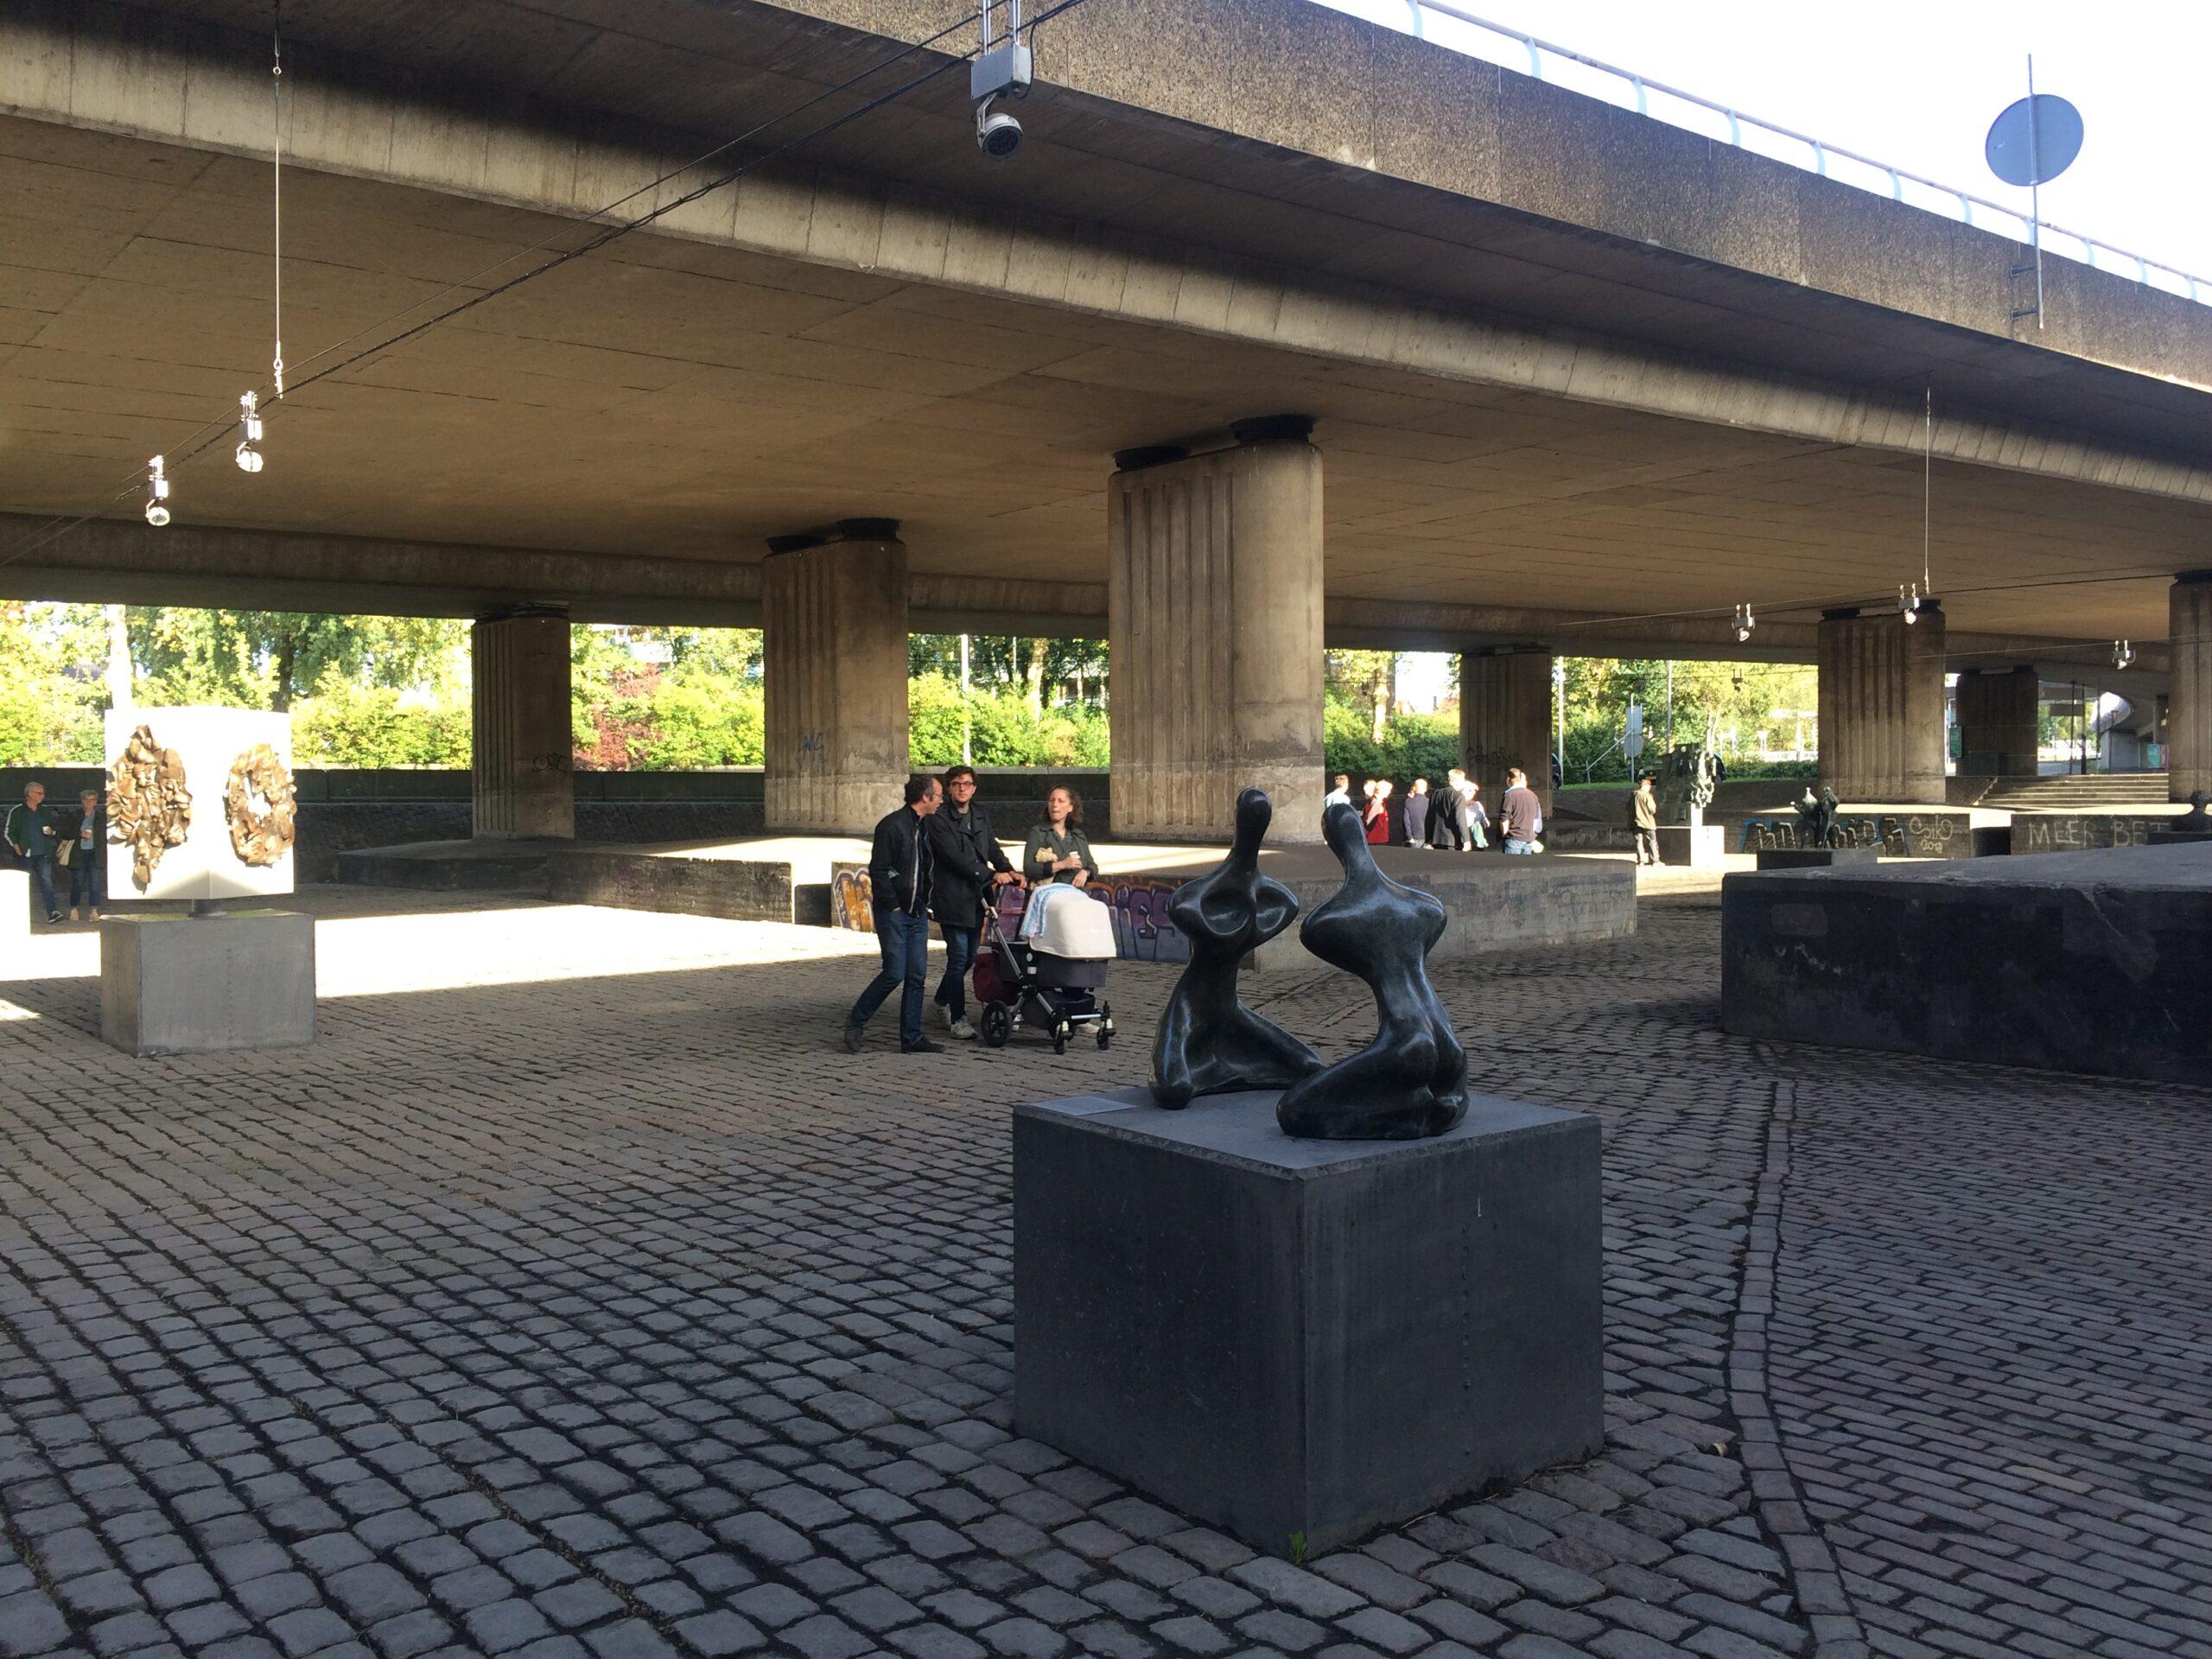 diekman-landschapsarchitecten-kleinpolderplein-museumverweesde beelden.